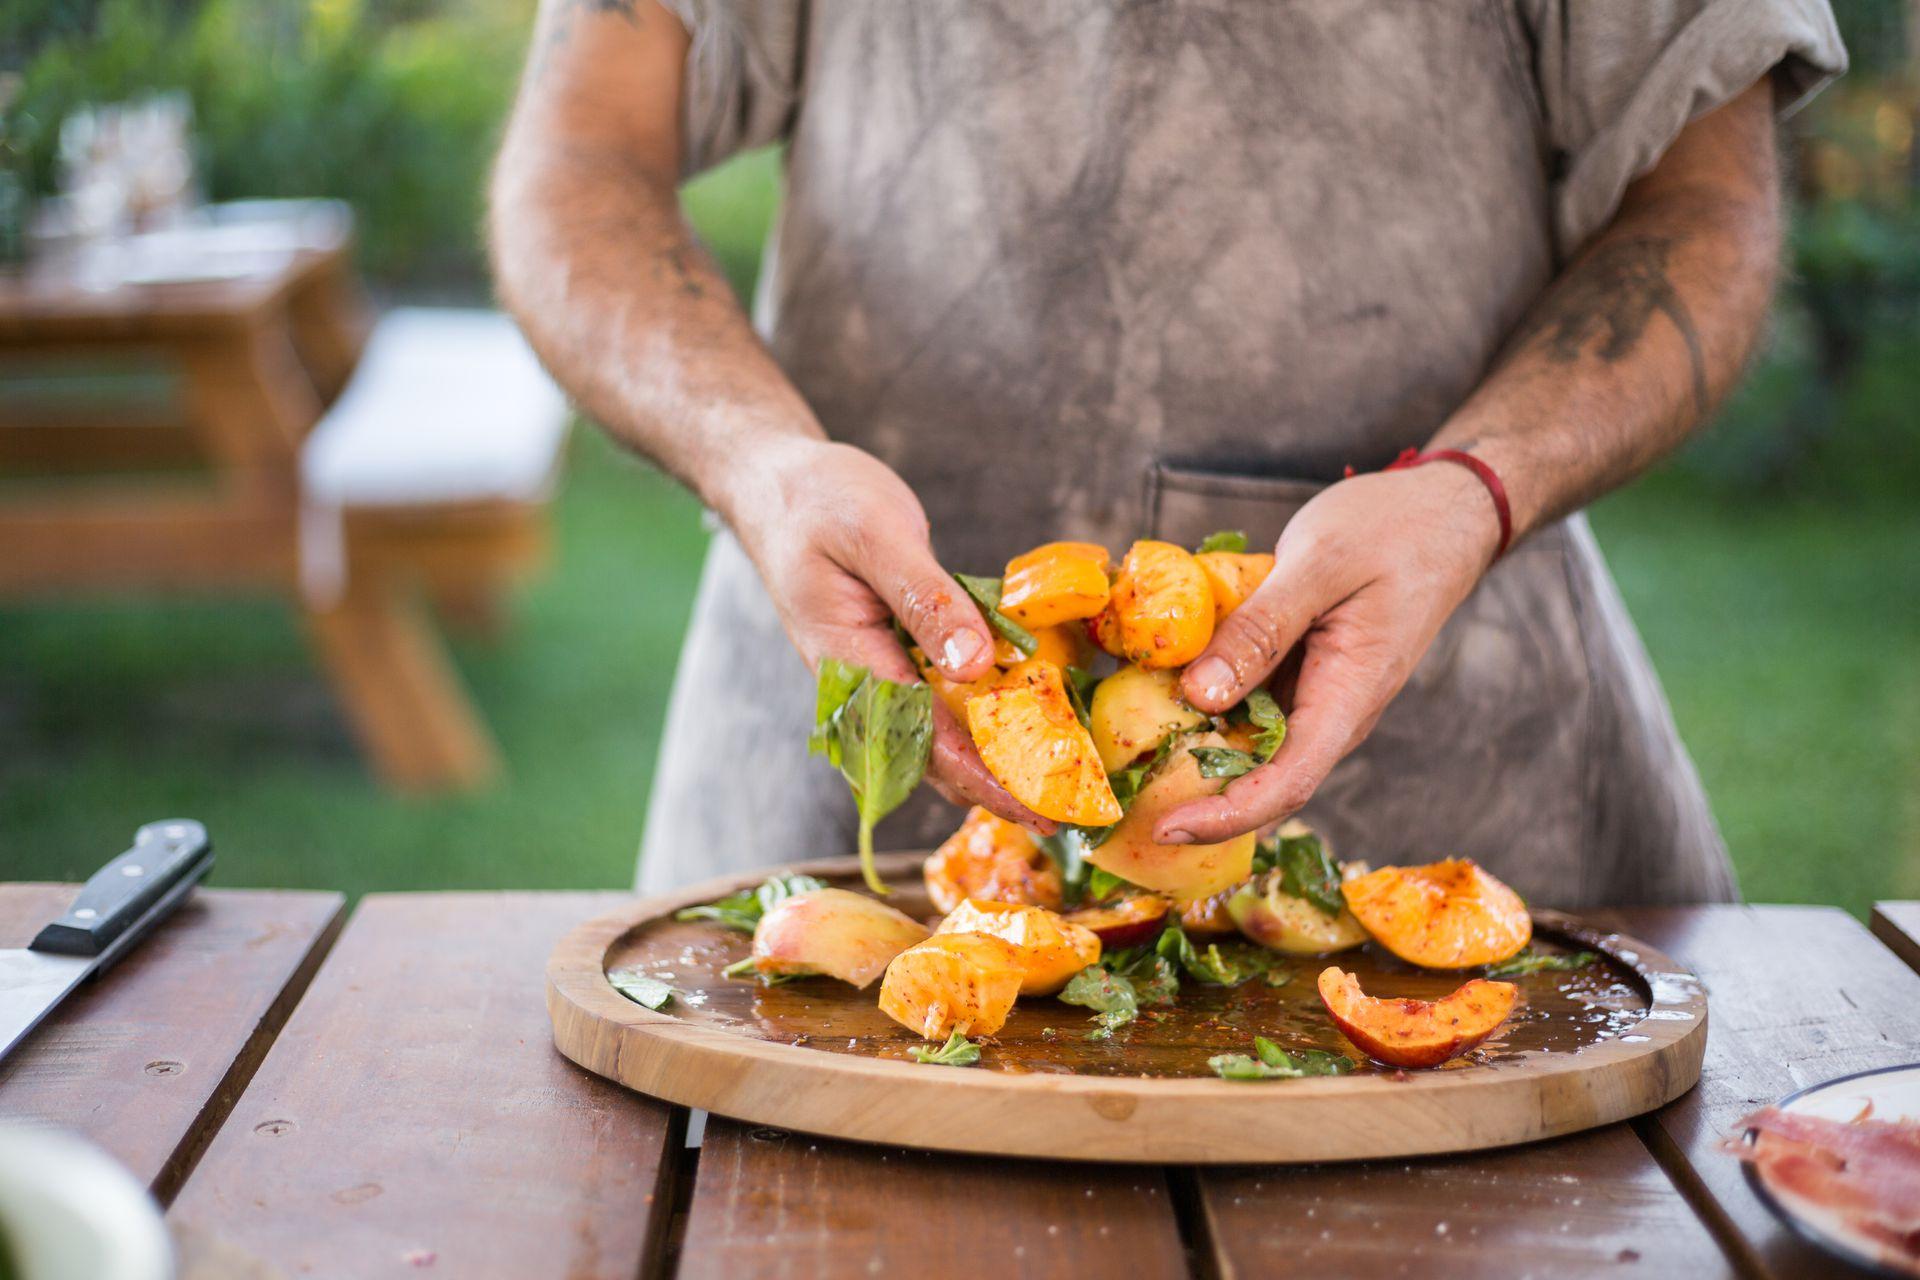 Un clásico de los restaurantes de Francis: ensaladas con frutas de estación, frutos secos, hierbas y quesos.